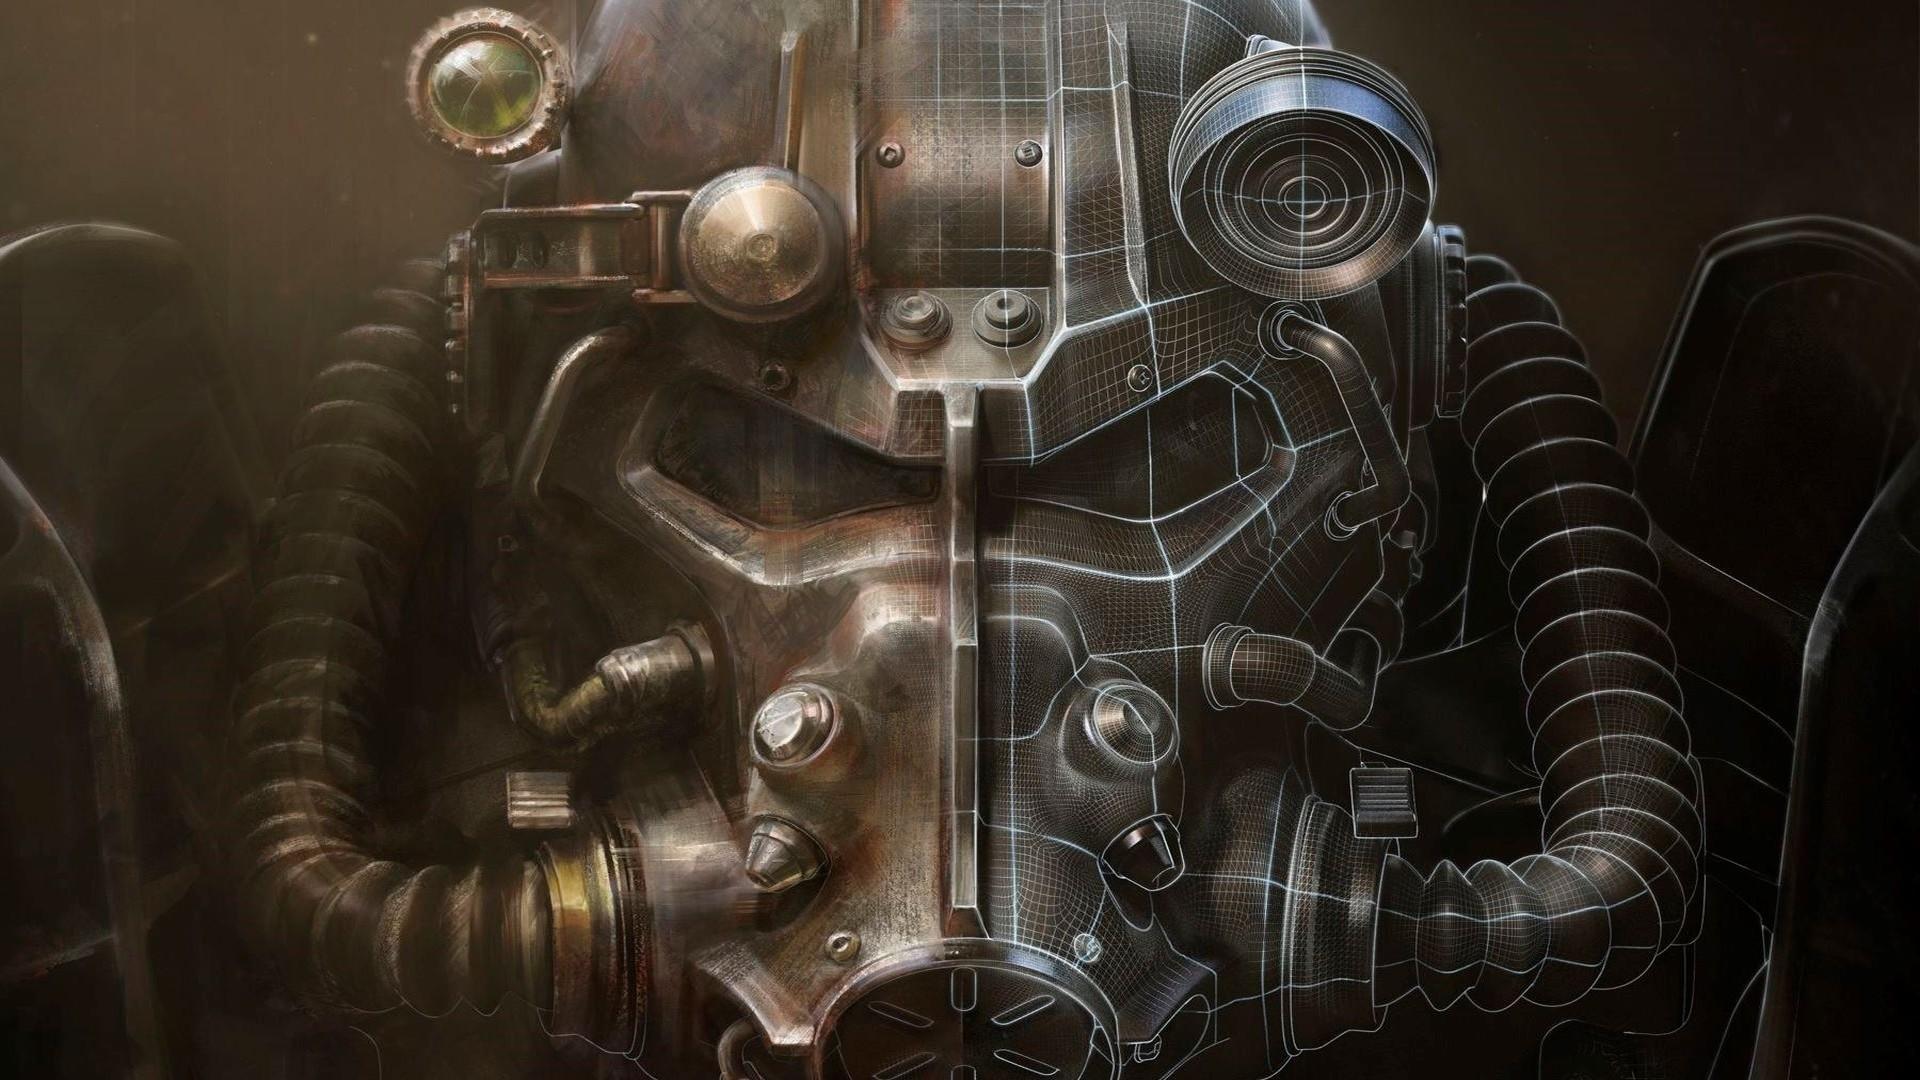 Fallout 4, bethesda game studios, bethesda softworks, power armor .